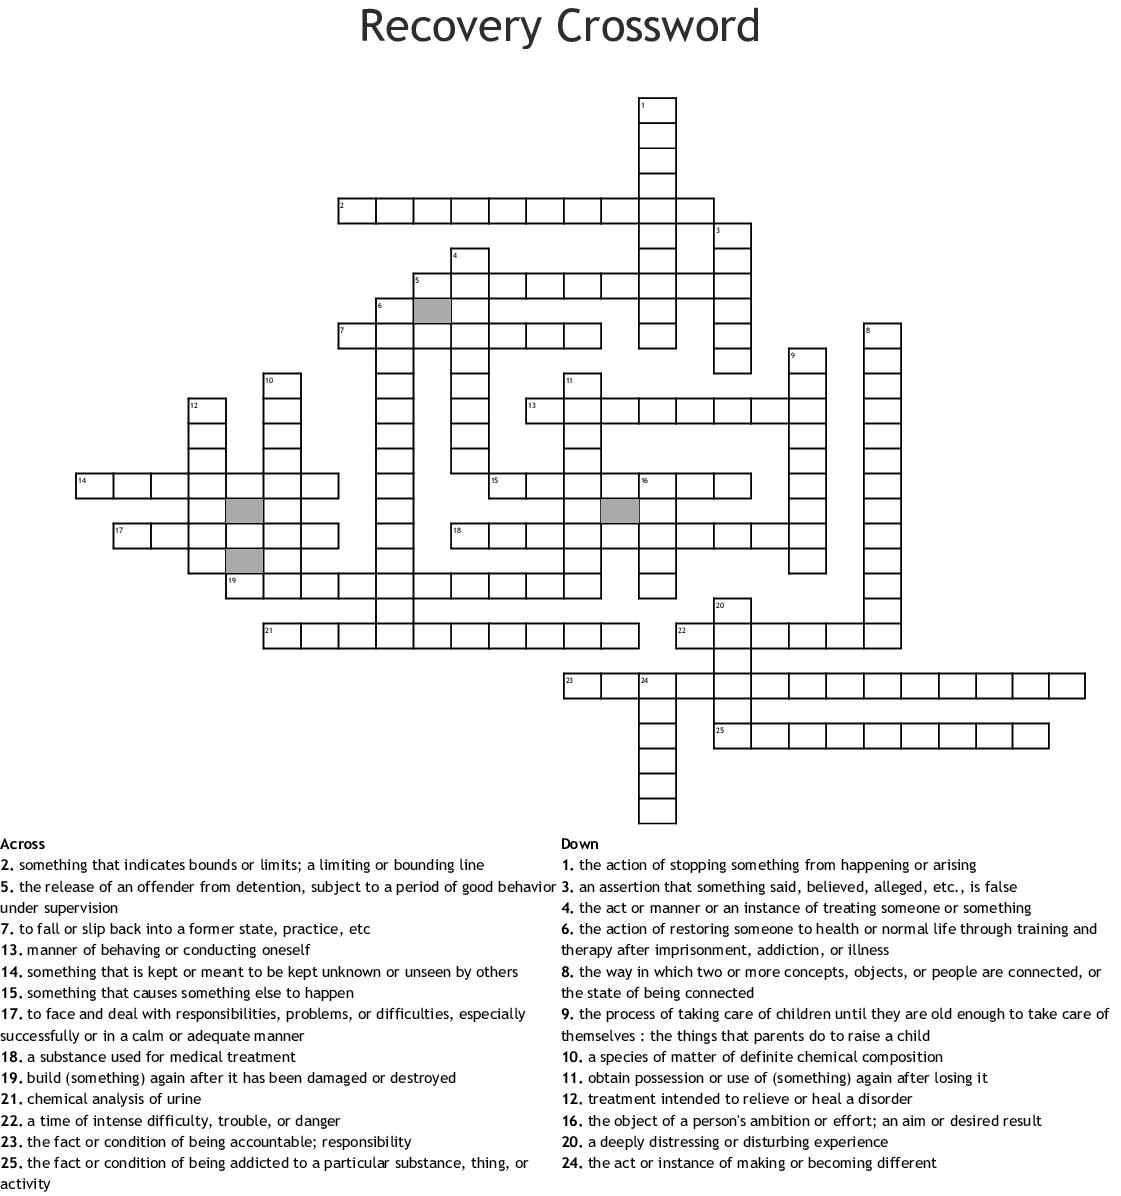 Recovery Crossword